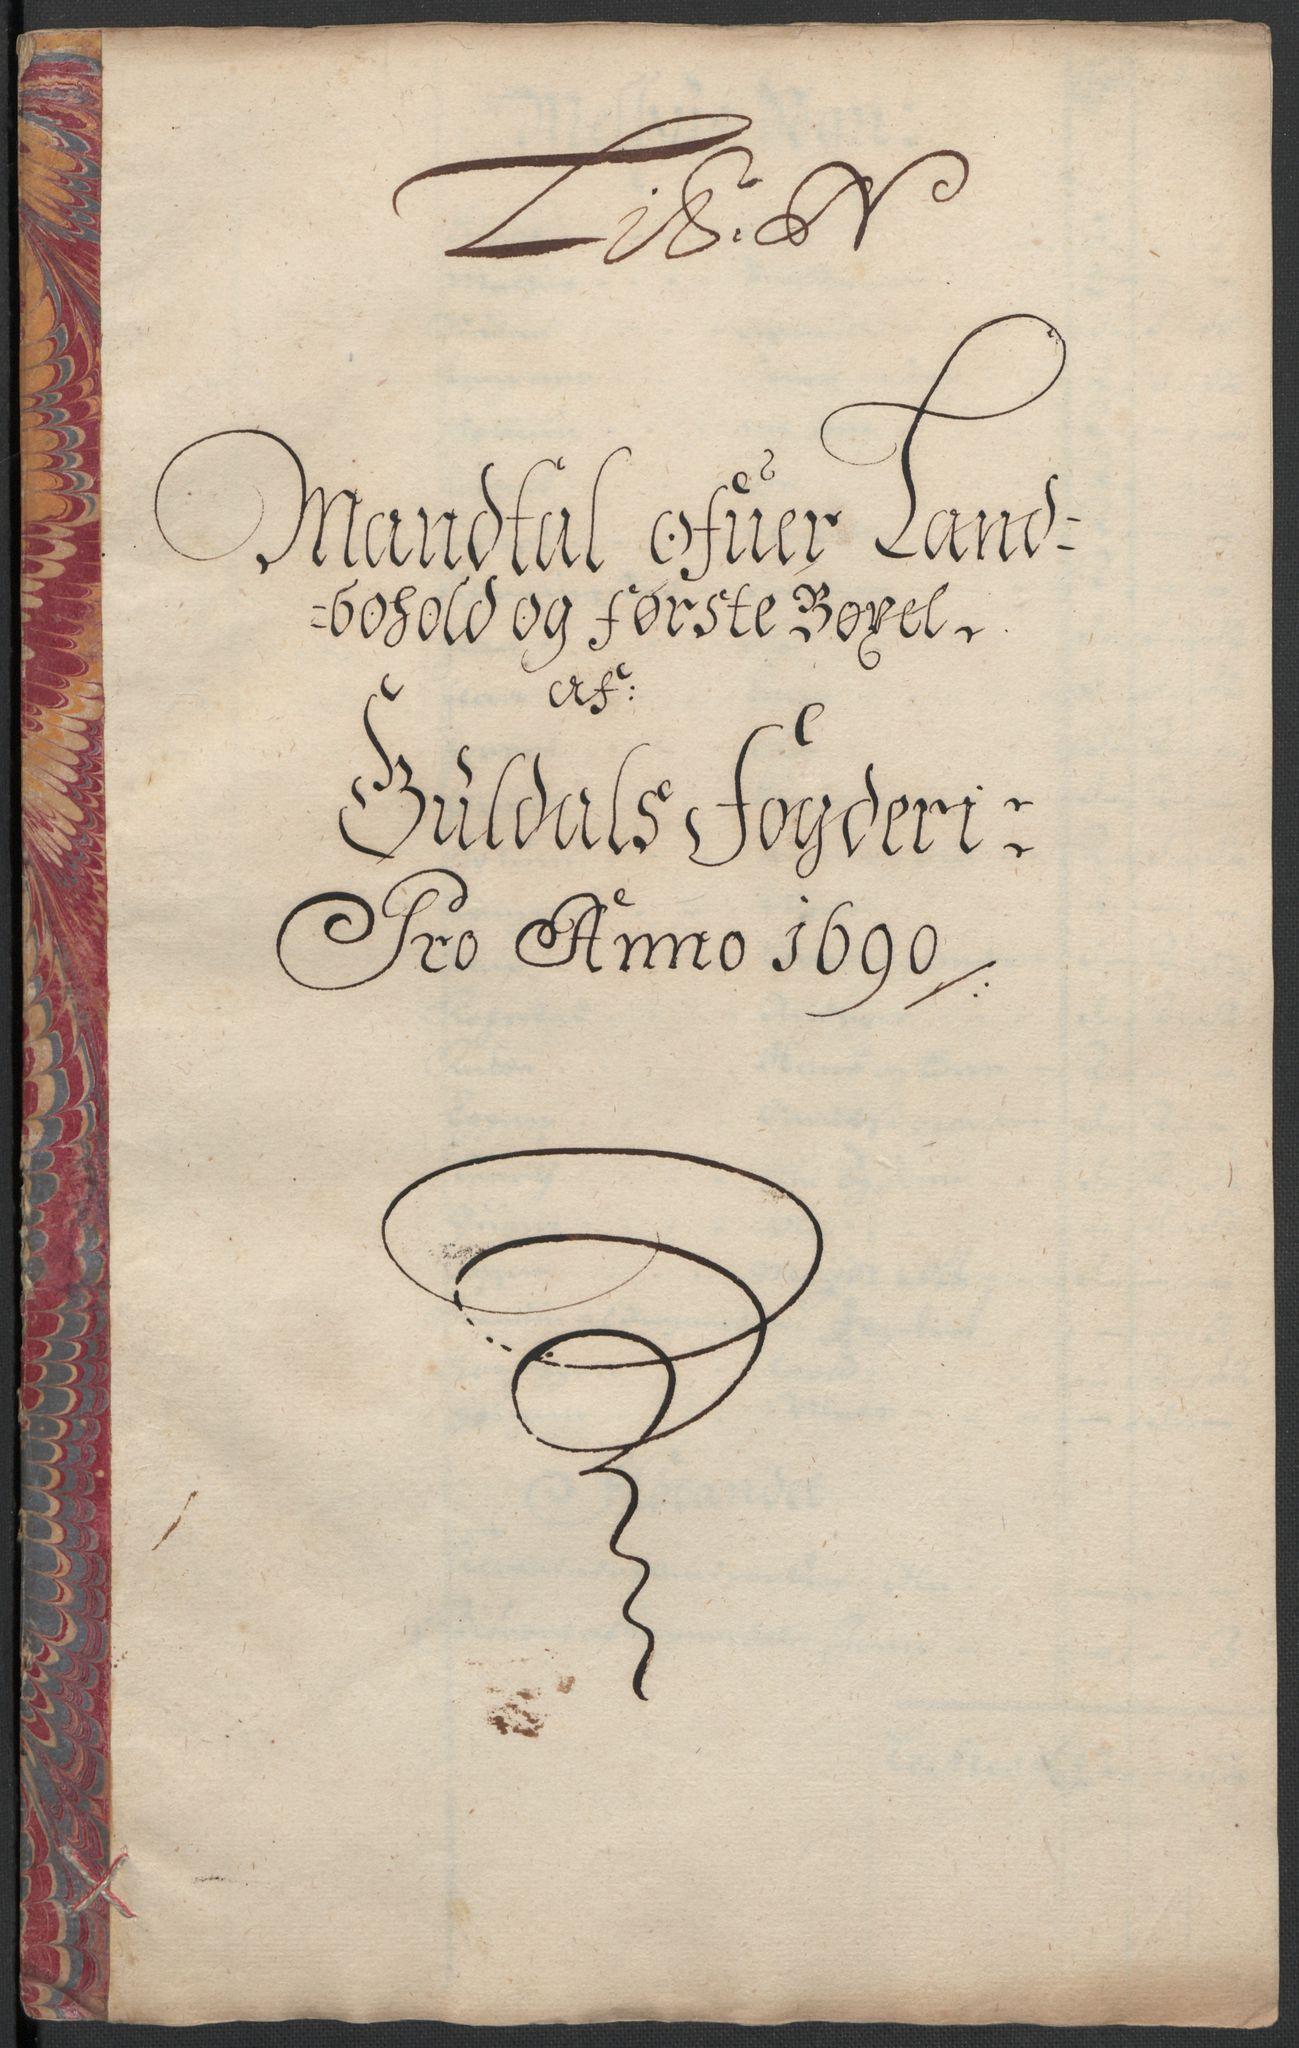 RA, Rentekammeret inntil 1814, Reviderte regnskaper, Fogderegnskap, R59/L3940: Fogderegnskap Gauldal, 1689-1690, s. 344